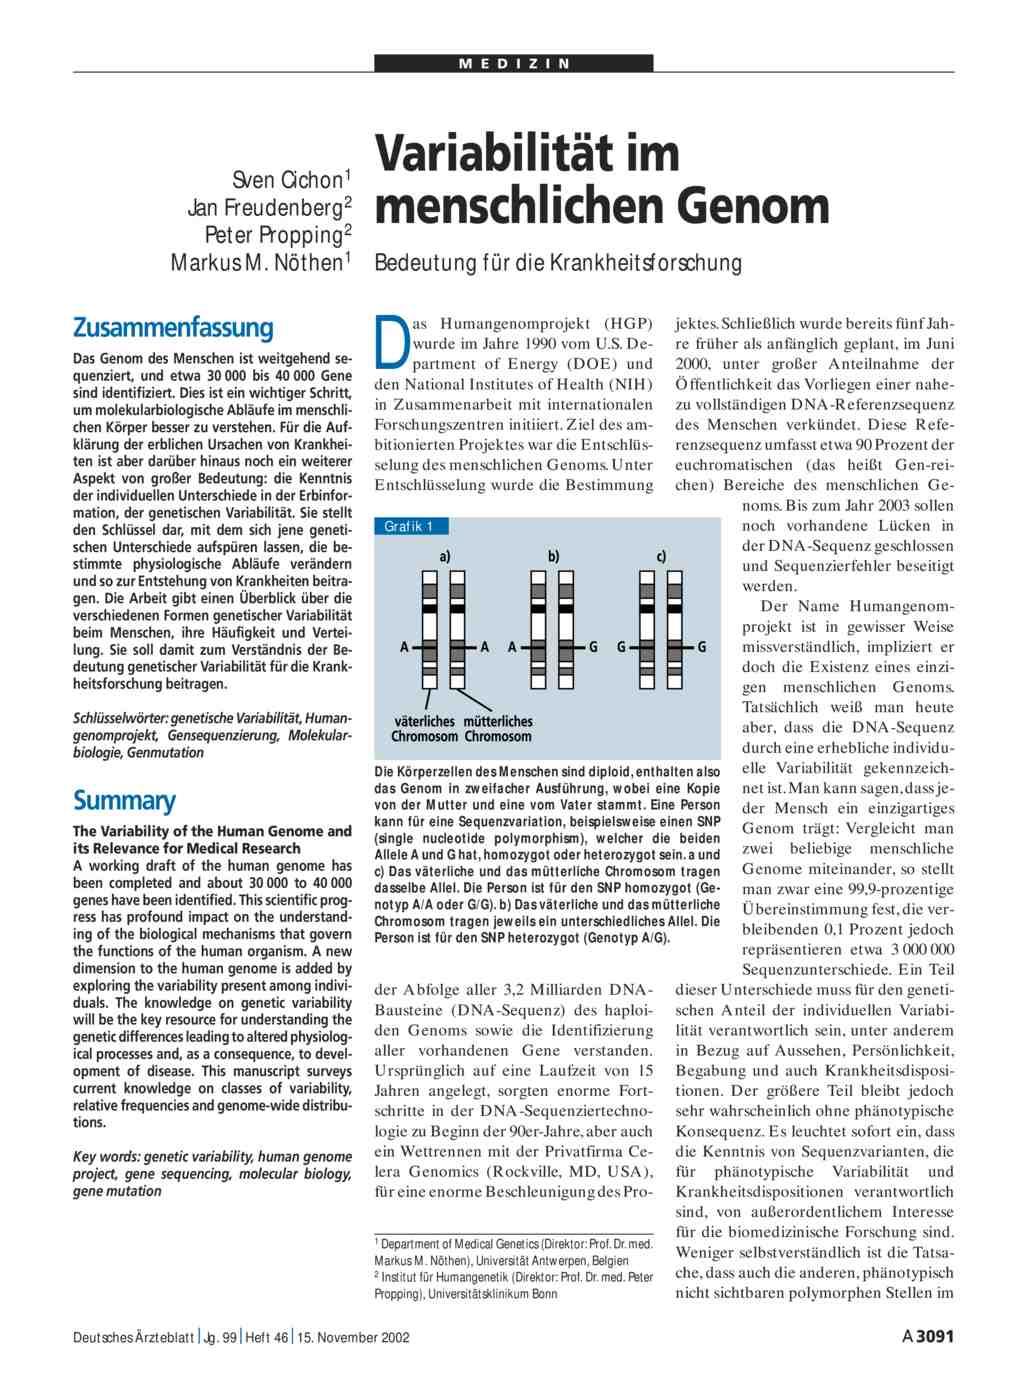 Variabilität im menschlichen Genom: Bedeutung für die ...